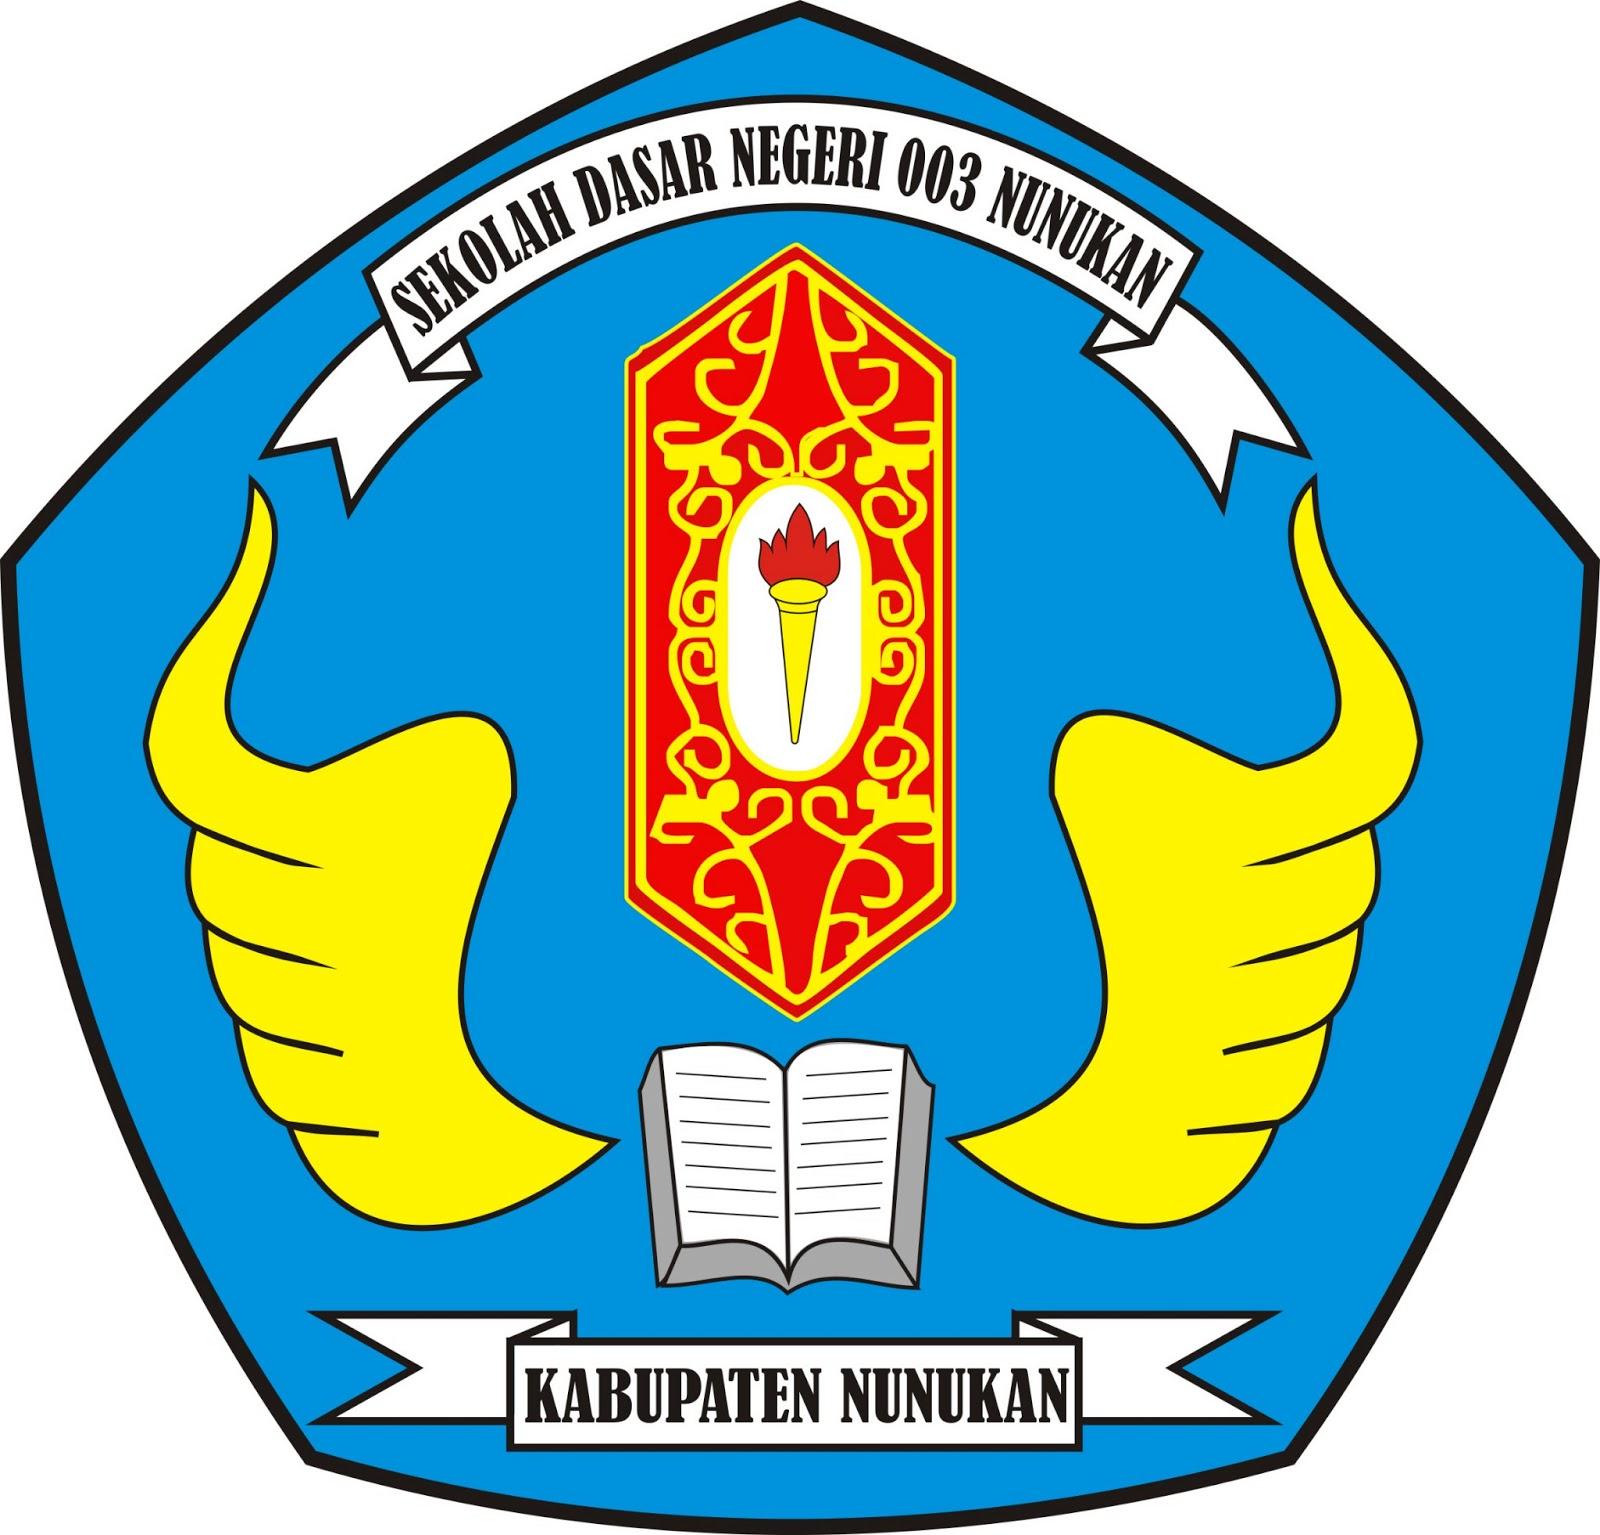 Sdn 003 Nunukan Logo Sdn 003 Nunukan